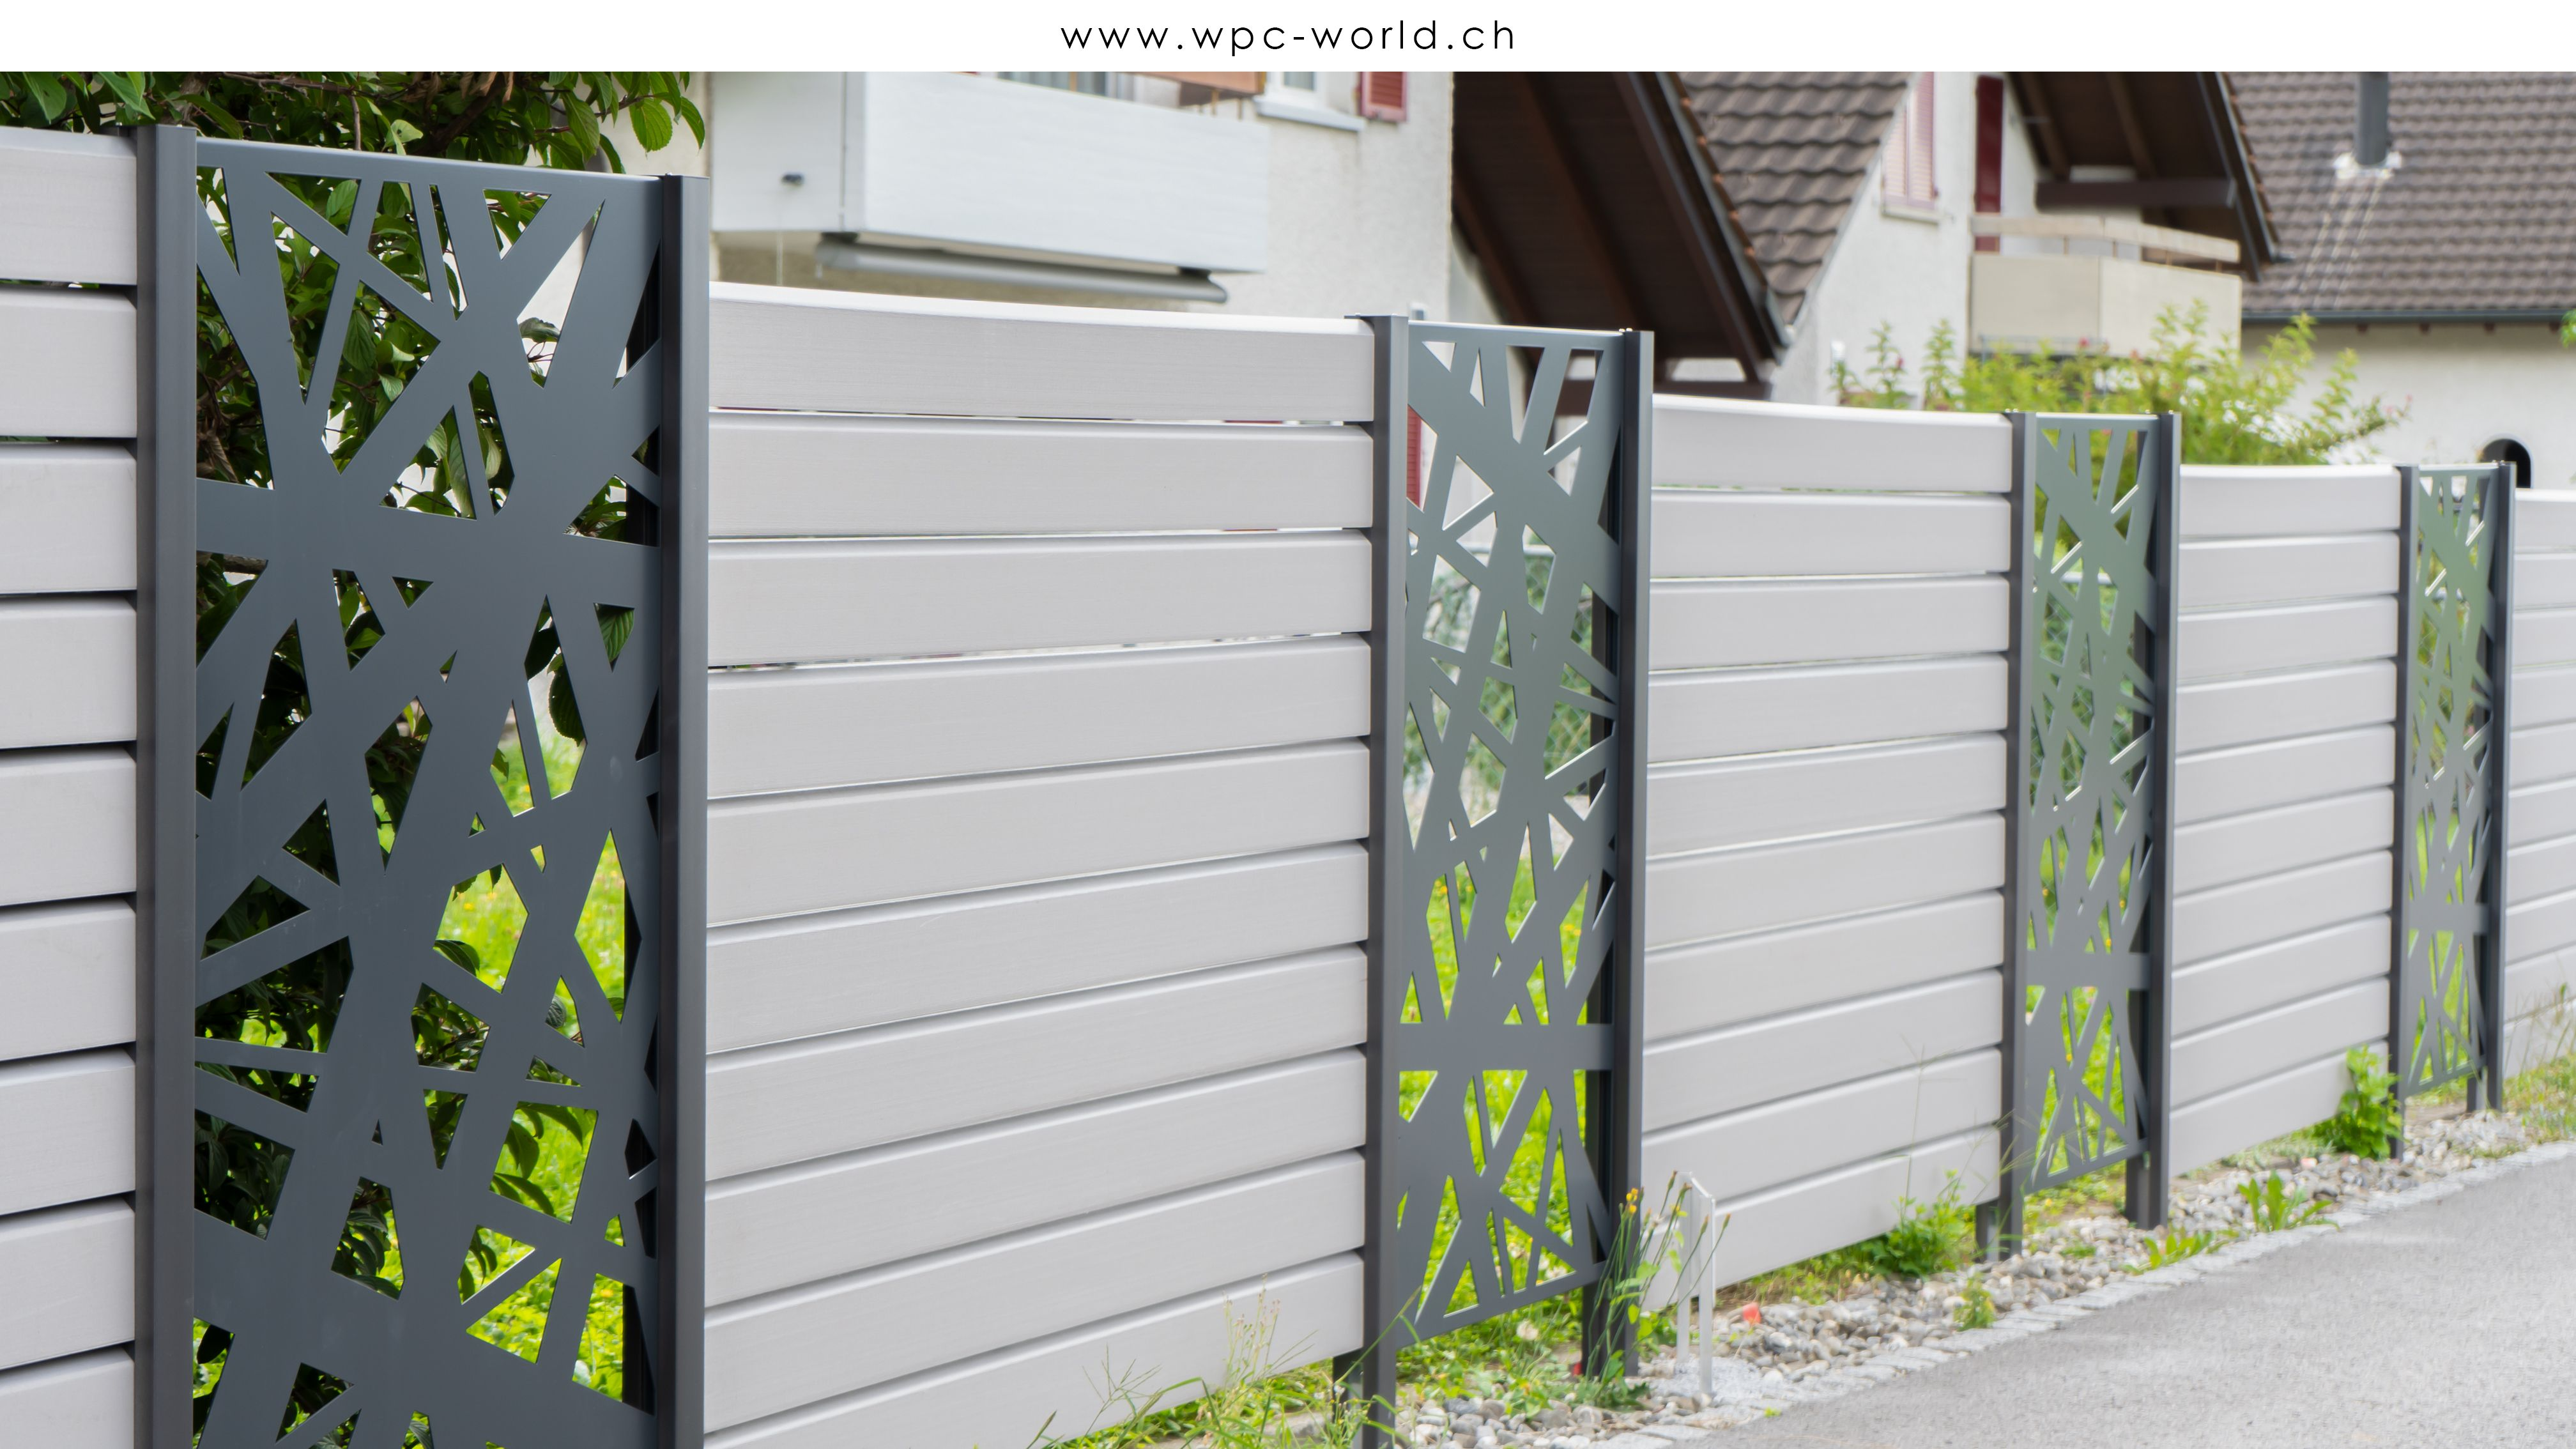 Wpc Zaunanlage Mit Farblich Abgesetzten Elementen Zaun Holz Sichtschutzzaun